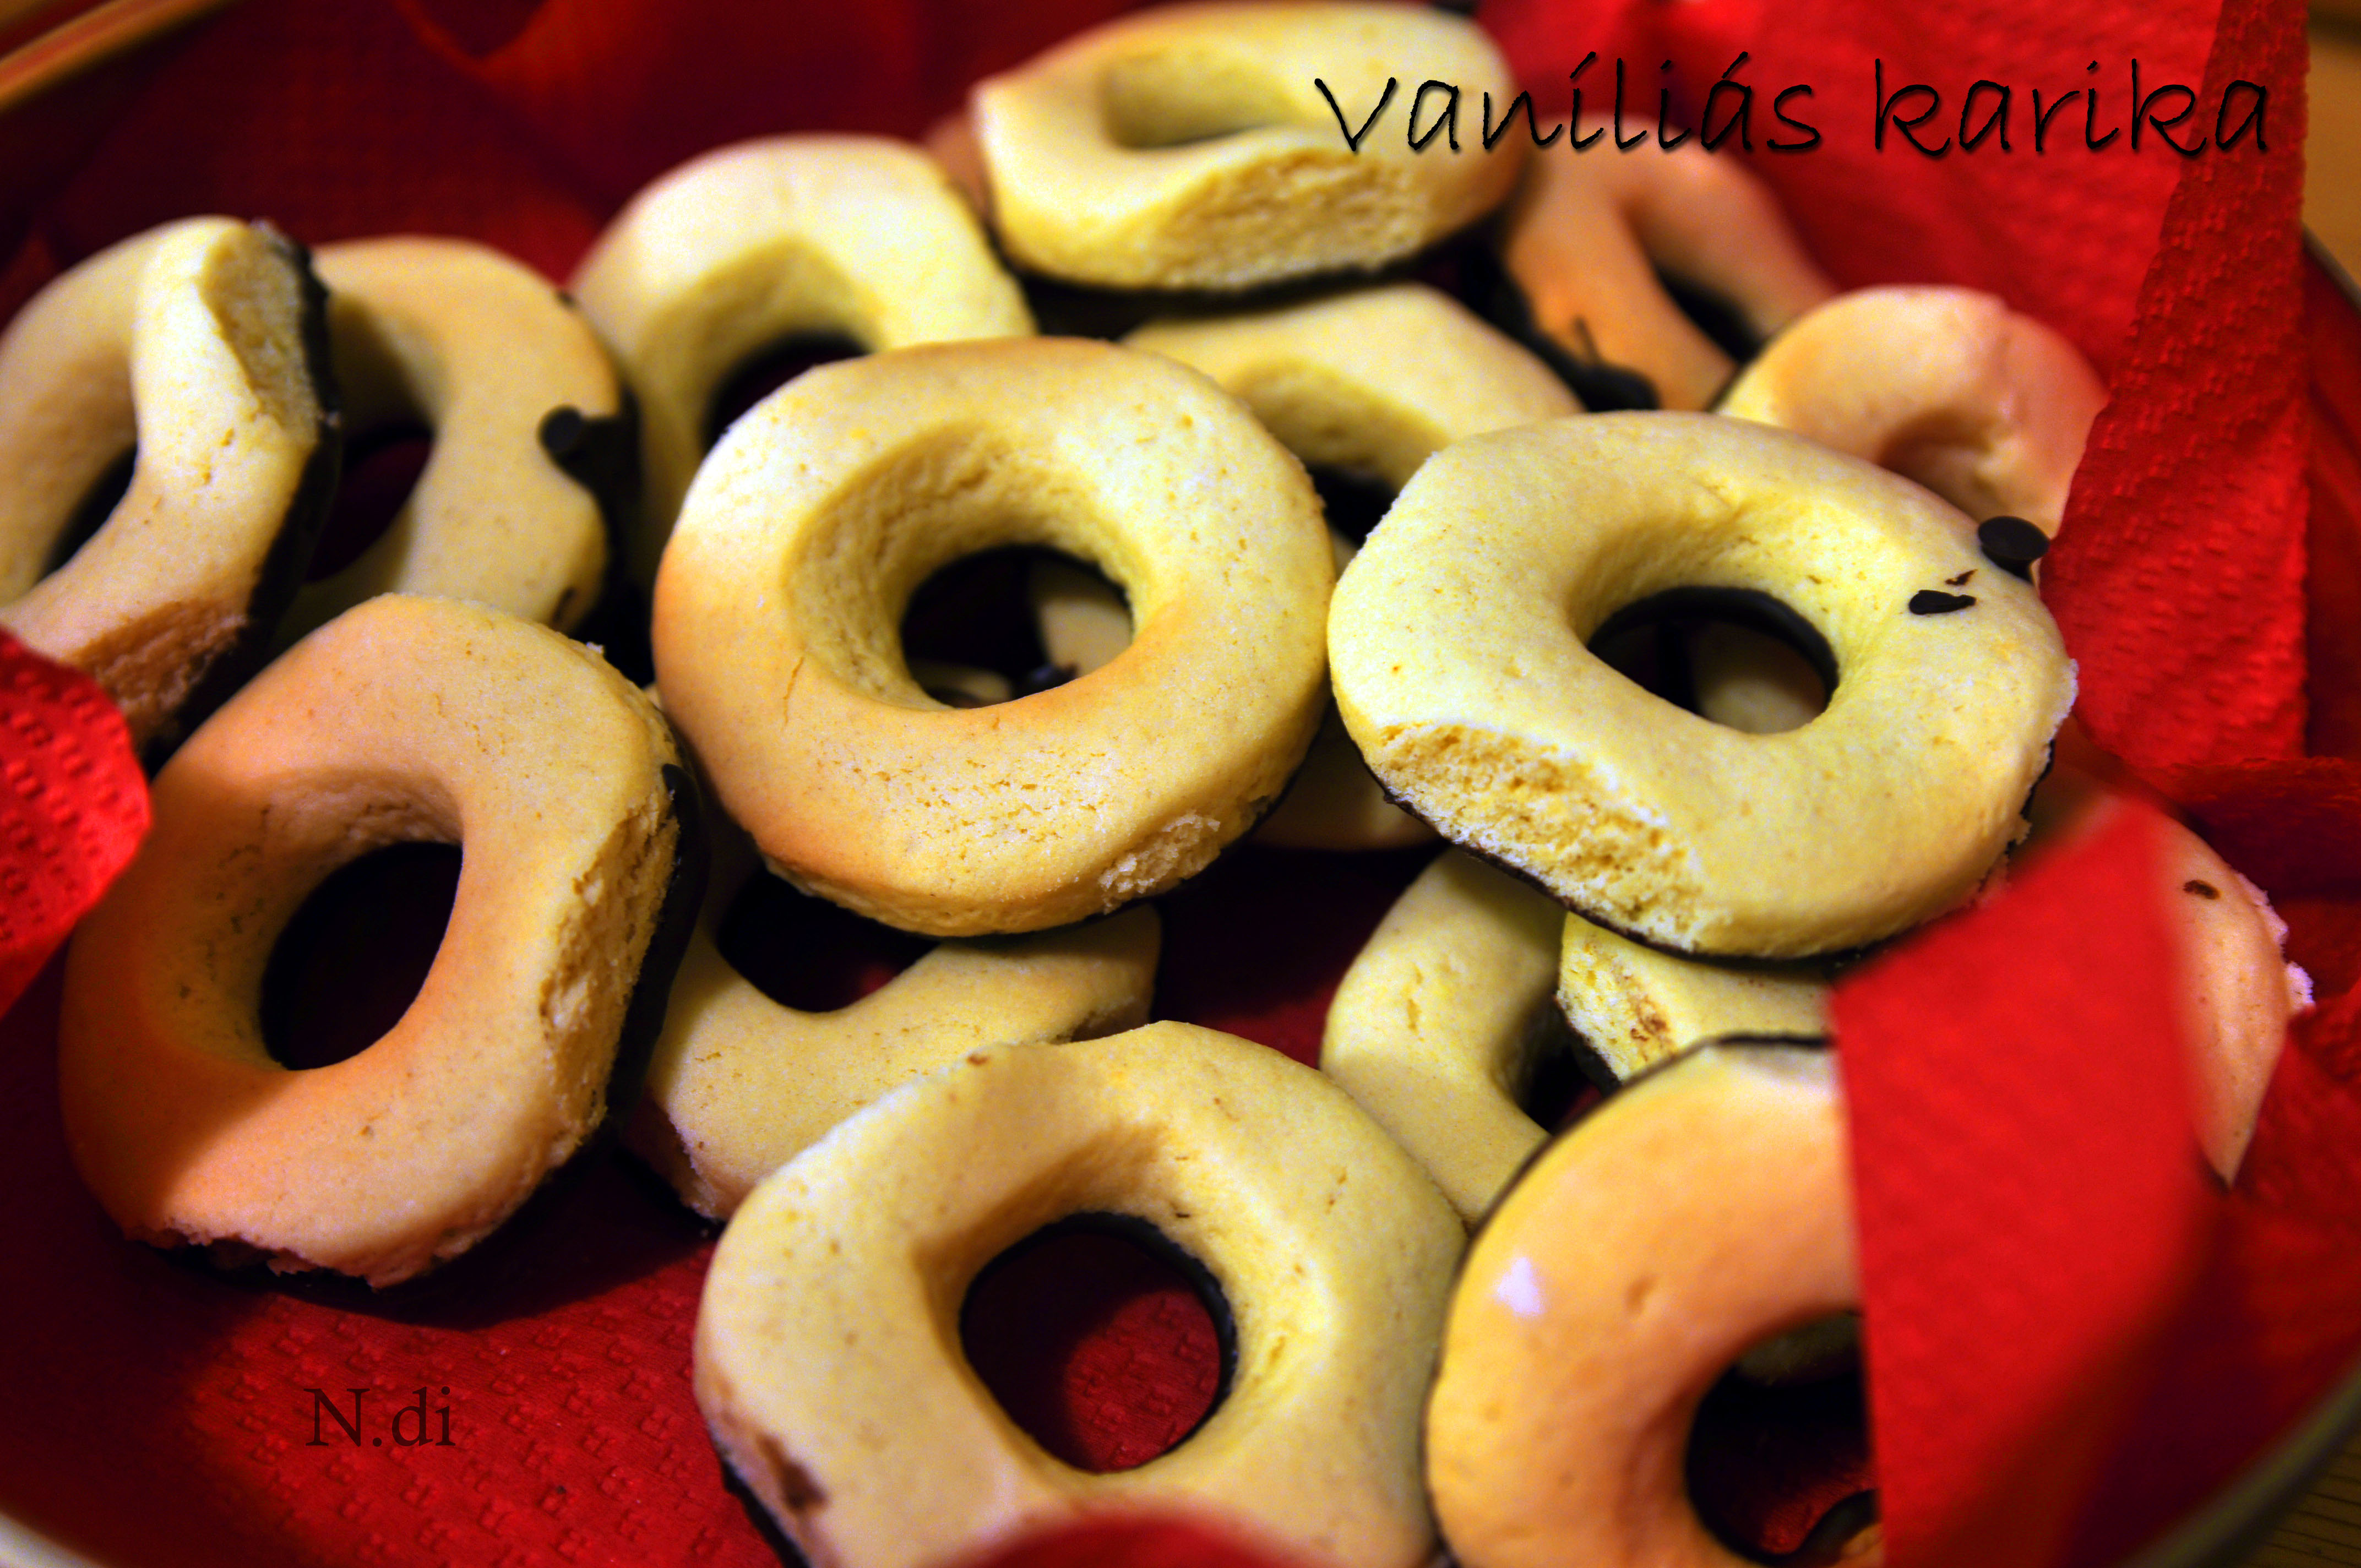 Házi vaníliás karika